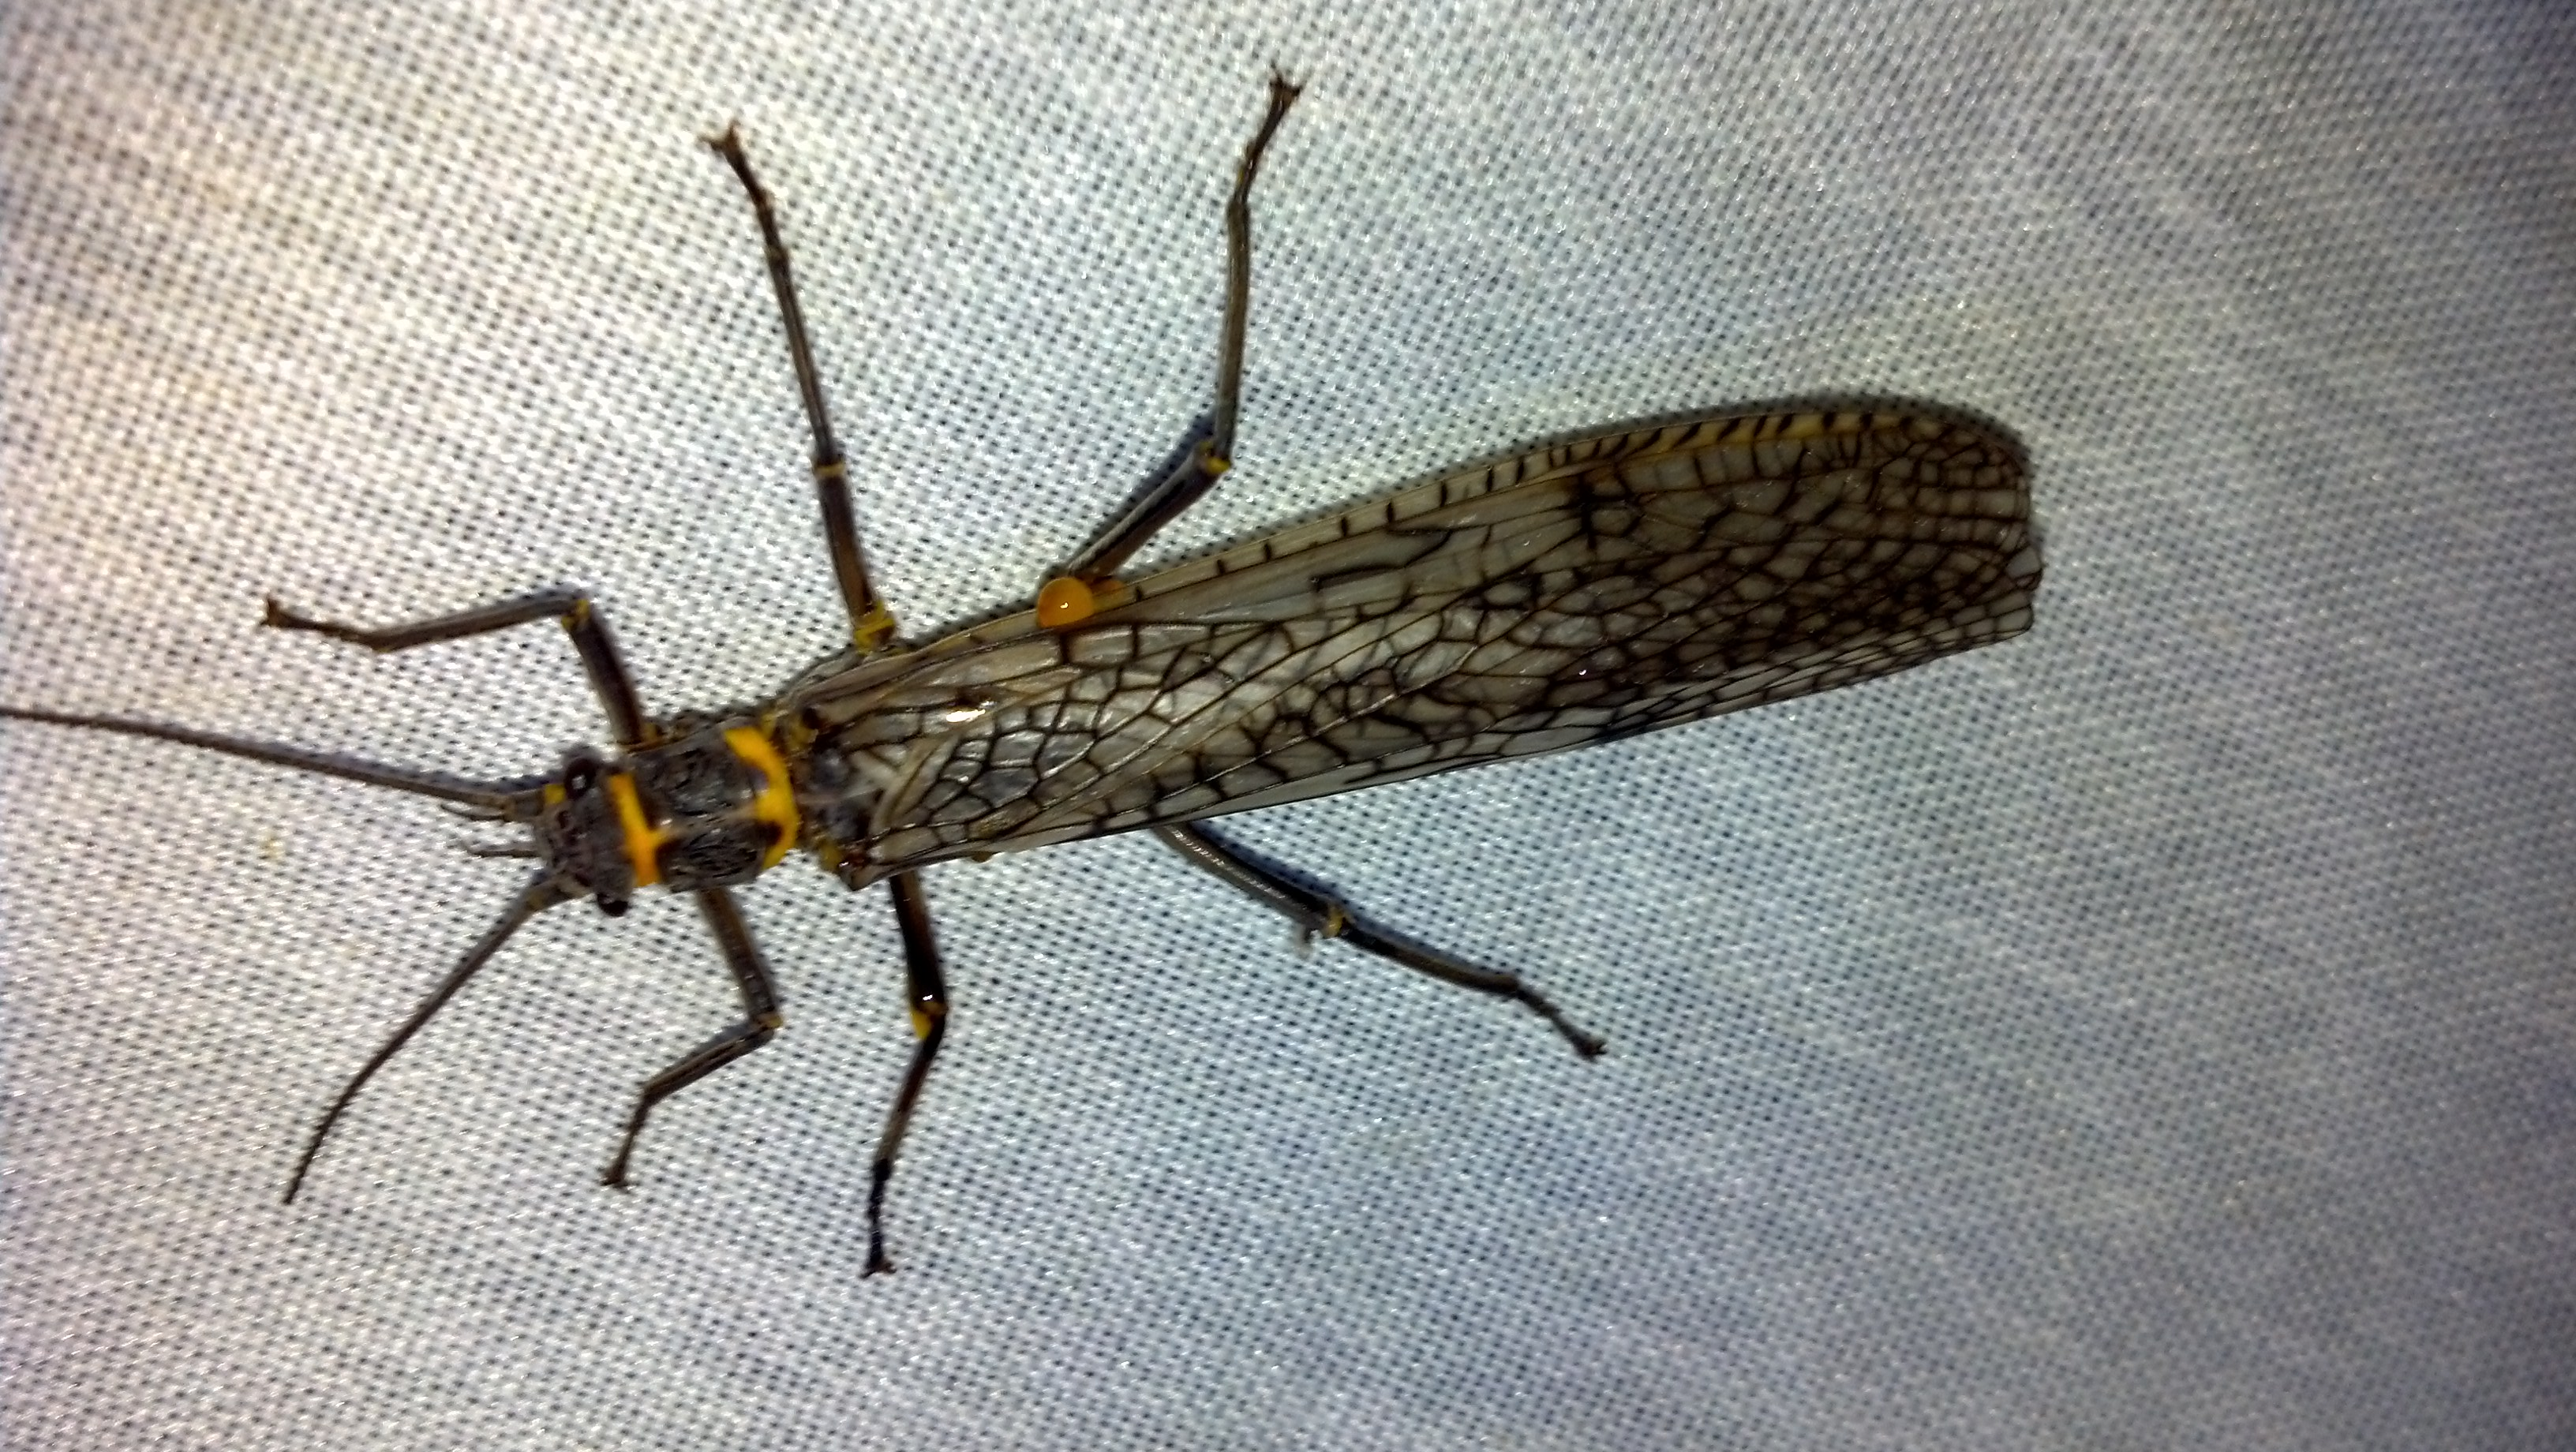 Image 2 Adult stonefly